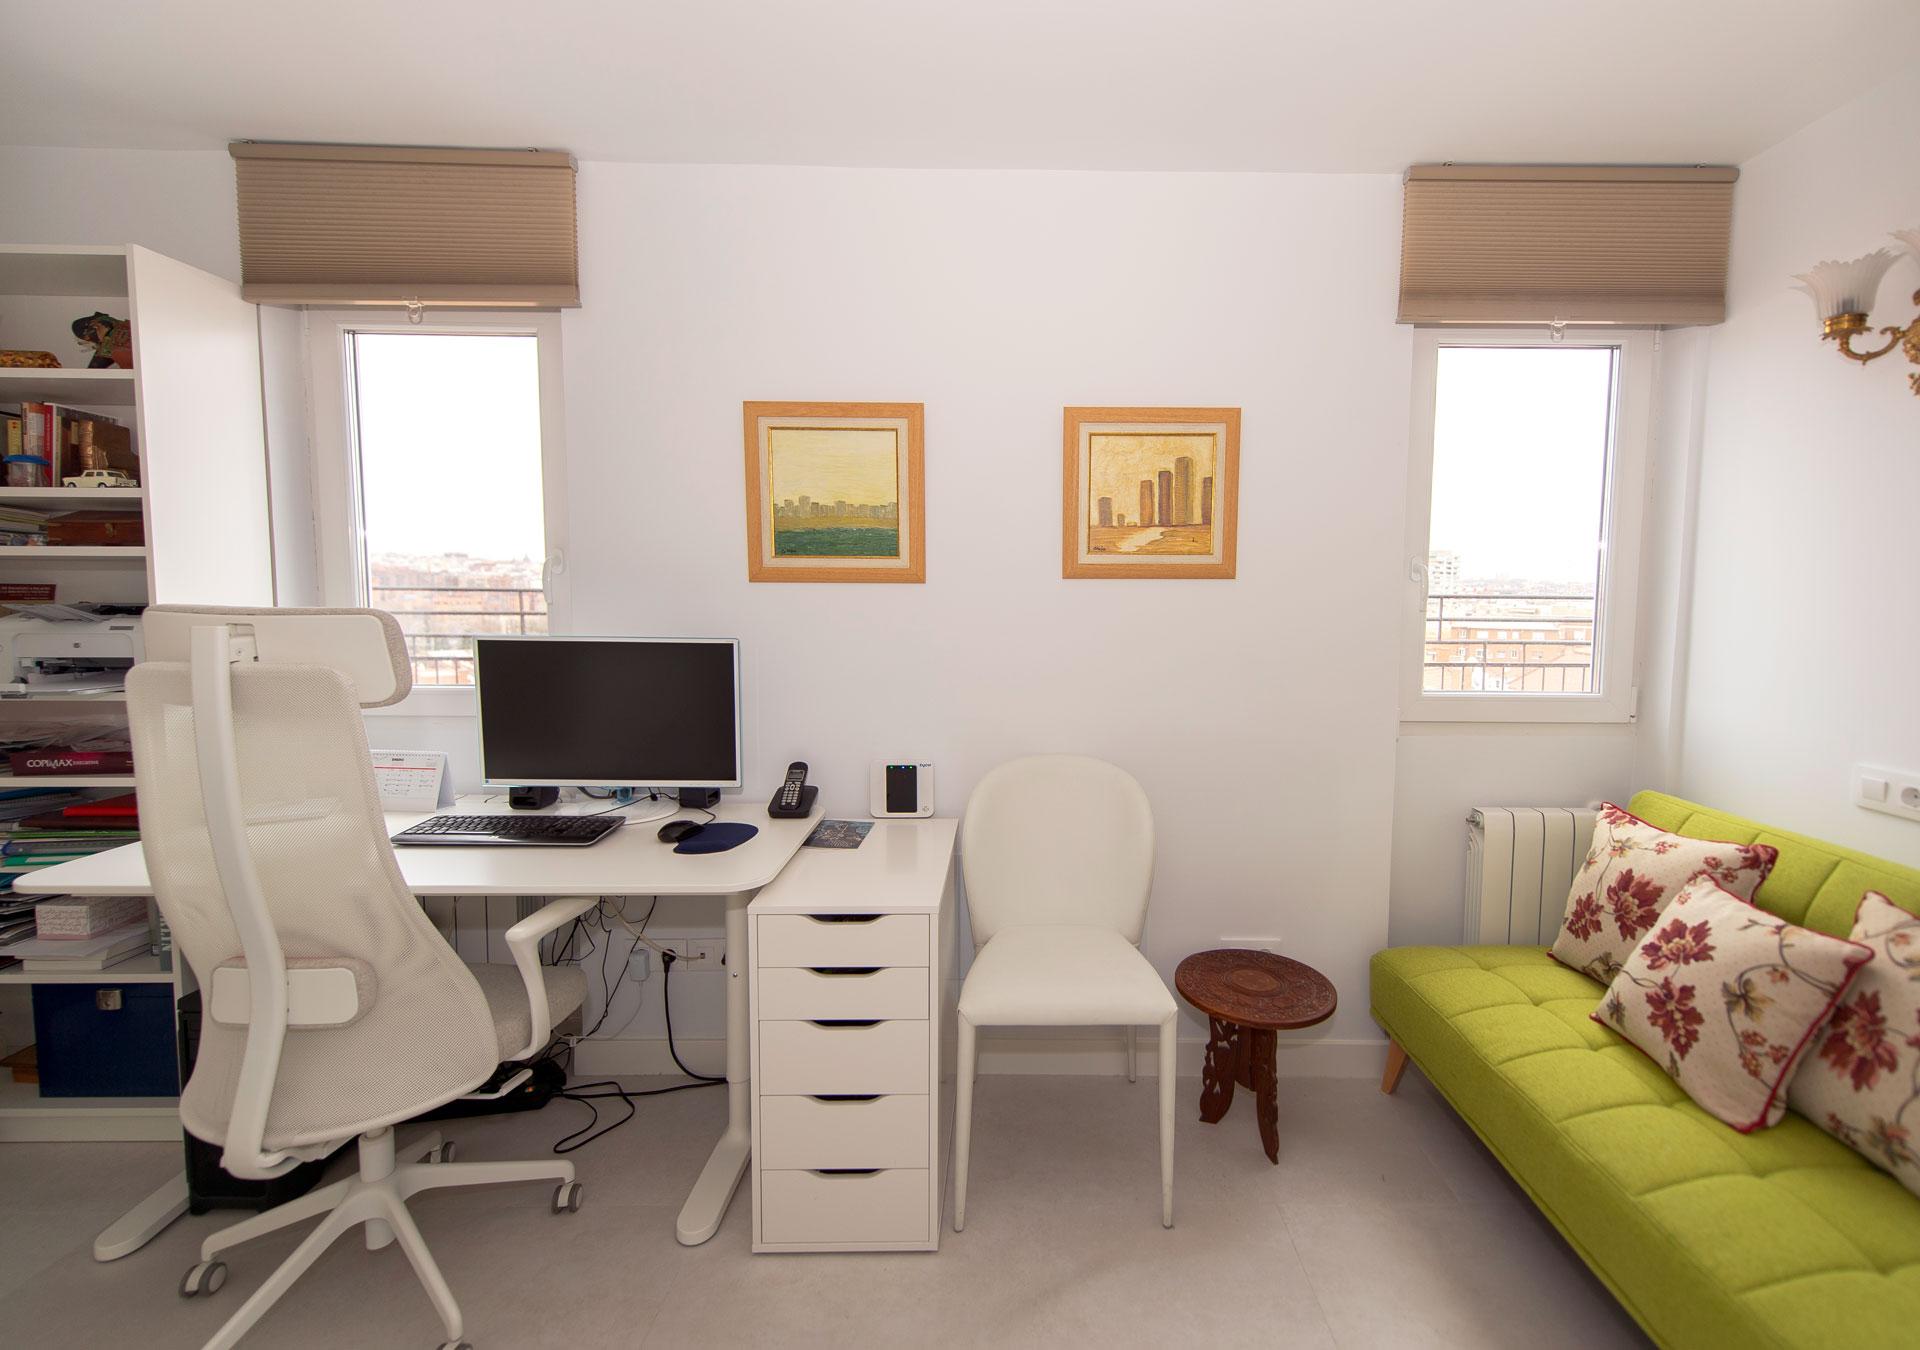 Habitación para teletrabajo